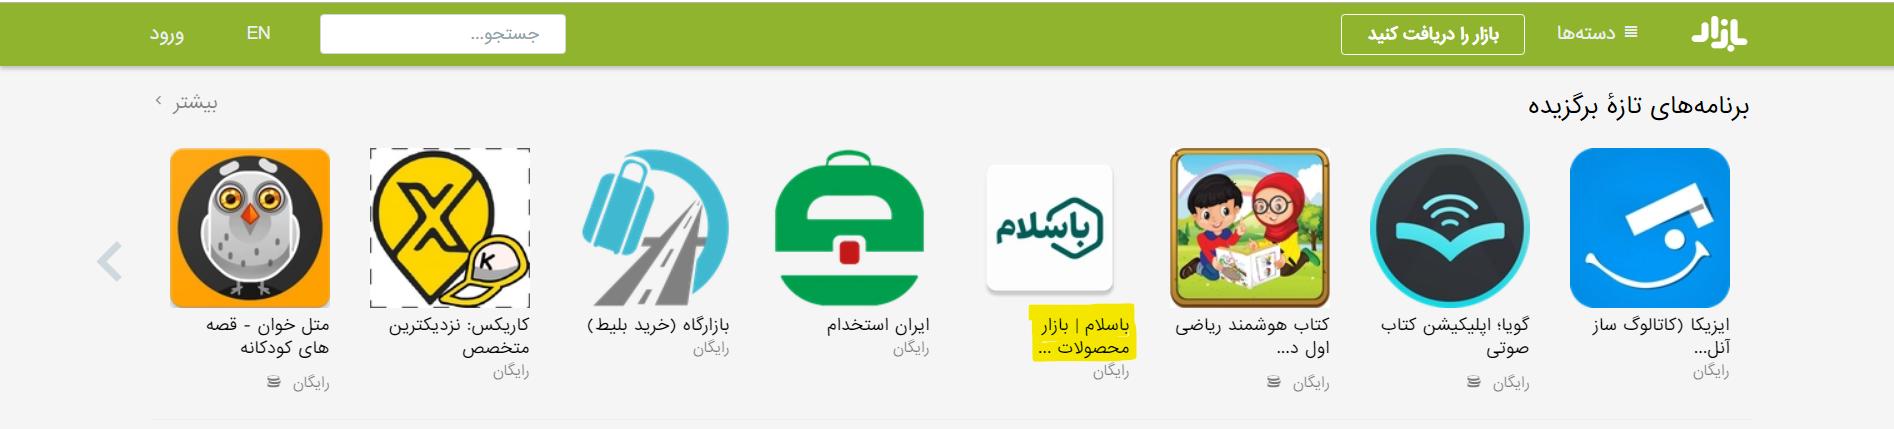 اپلیکیشن باسلام به عنوان برنامه برگزیده در کافه بازار